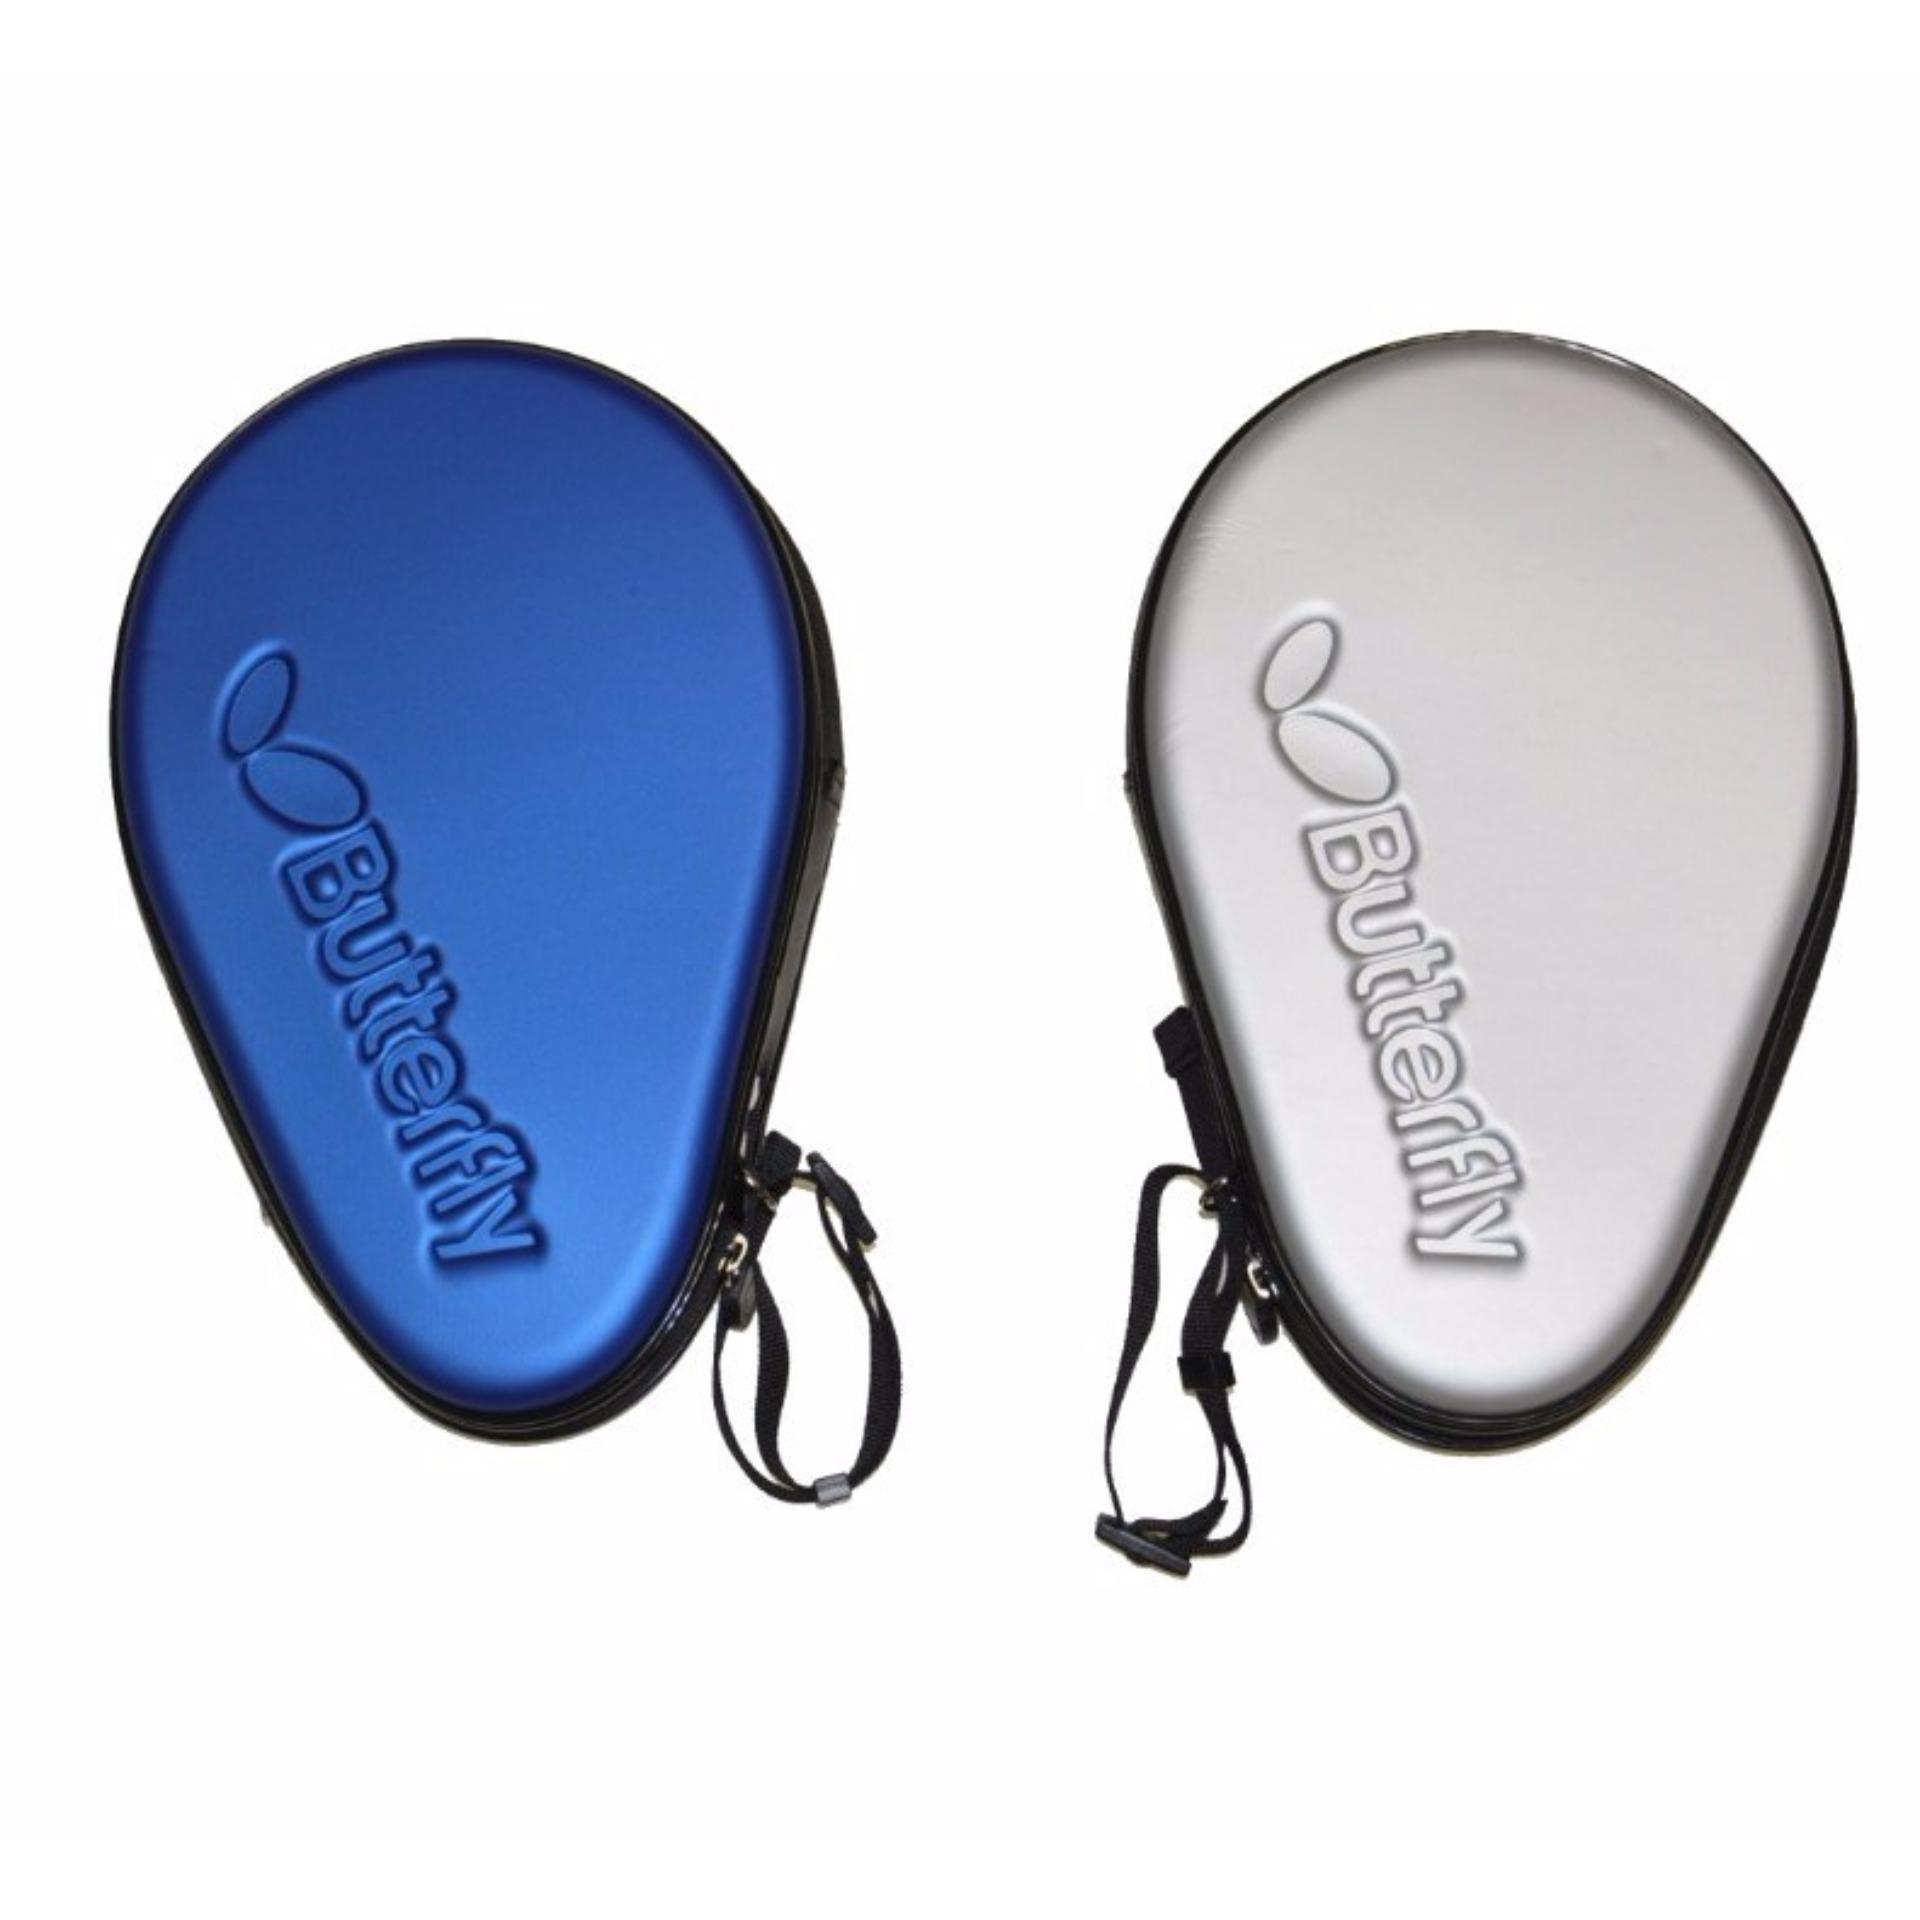 Bao đựng vợt bóng bàn, túi đựng vợt bóng bàn cứng cáp bảo vệ tuyệt đối vợt; chất liệu cao cấp  POPO Sports - 3